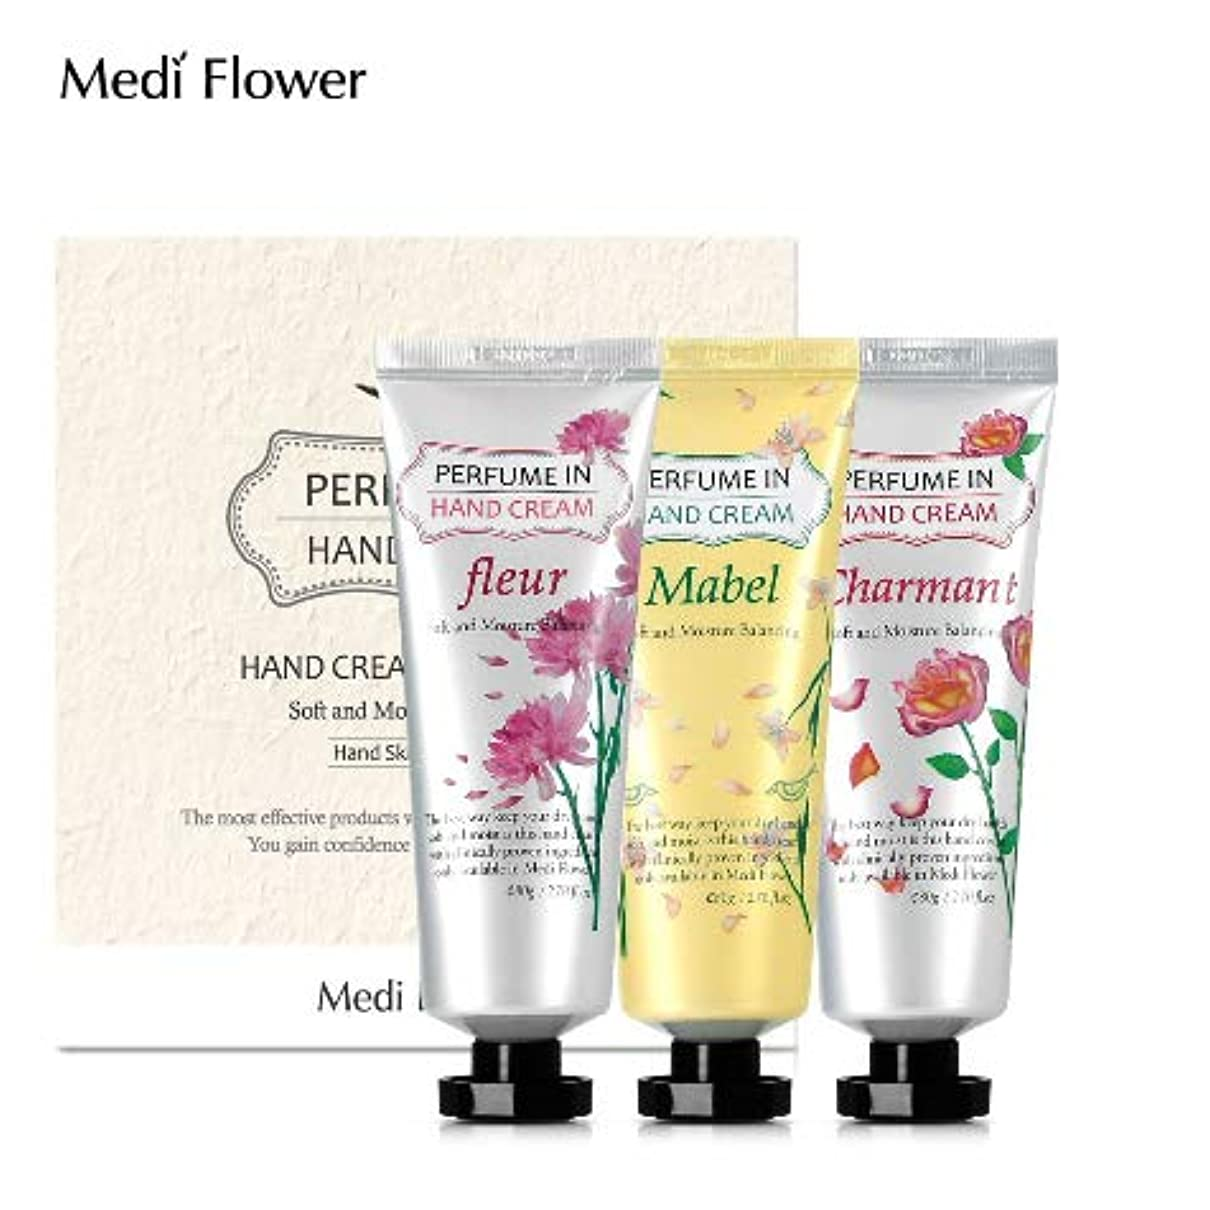 接続歌デコードする[MediFlower] パフュームインハンドクリーム?スペシャルセット 80g x 3個セット / Perfume Hand Cream Specail Set